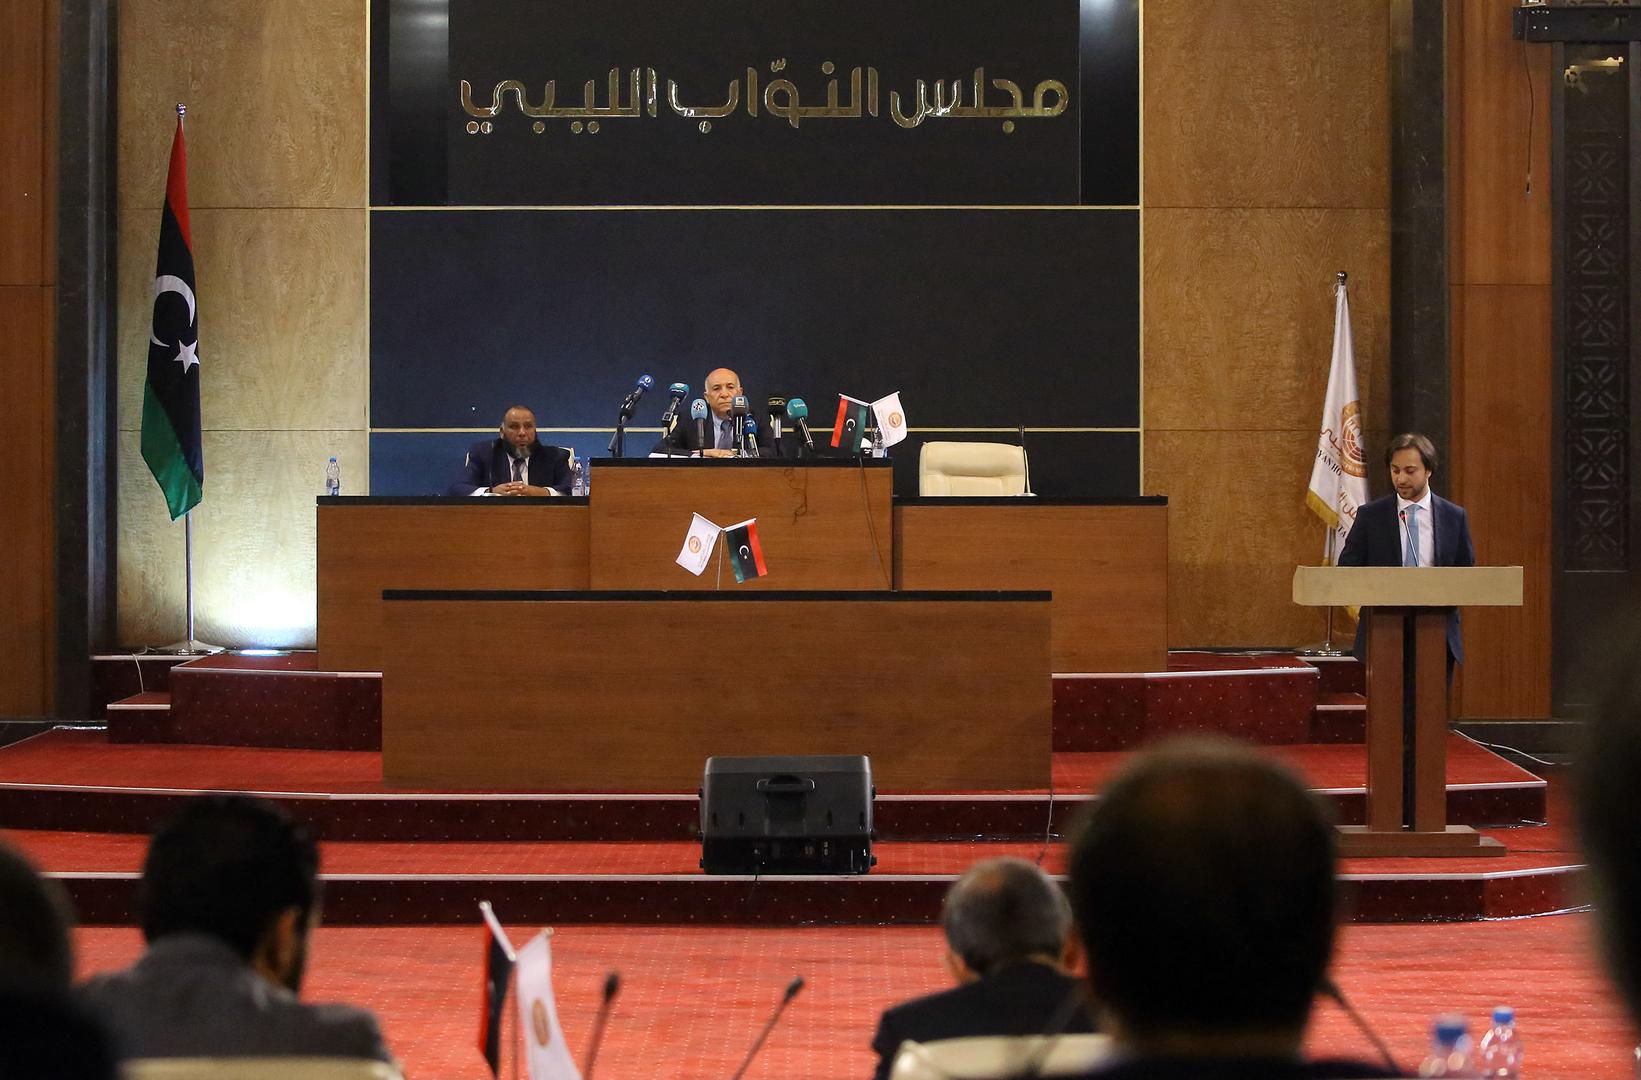 مراسلنا: مجلس النواب الليبي يقرر الاجتماع في سرت لمنح الثقة للحكومة الجديدة